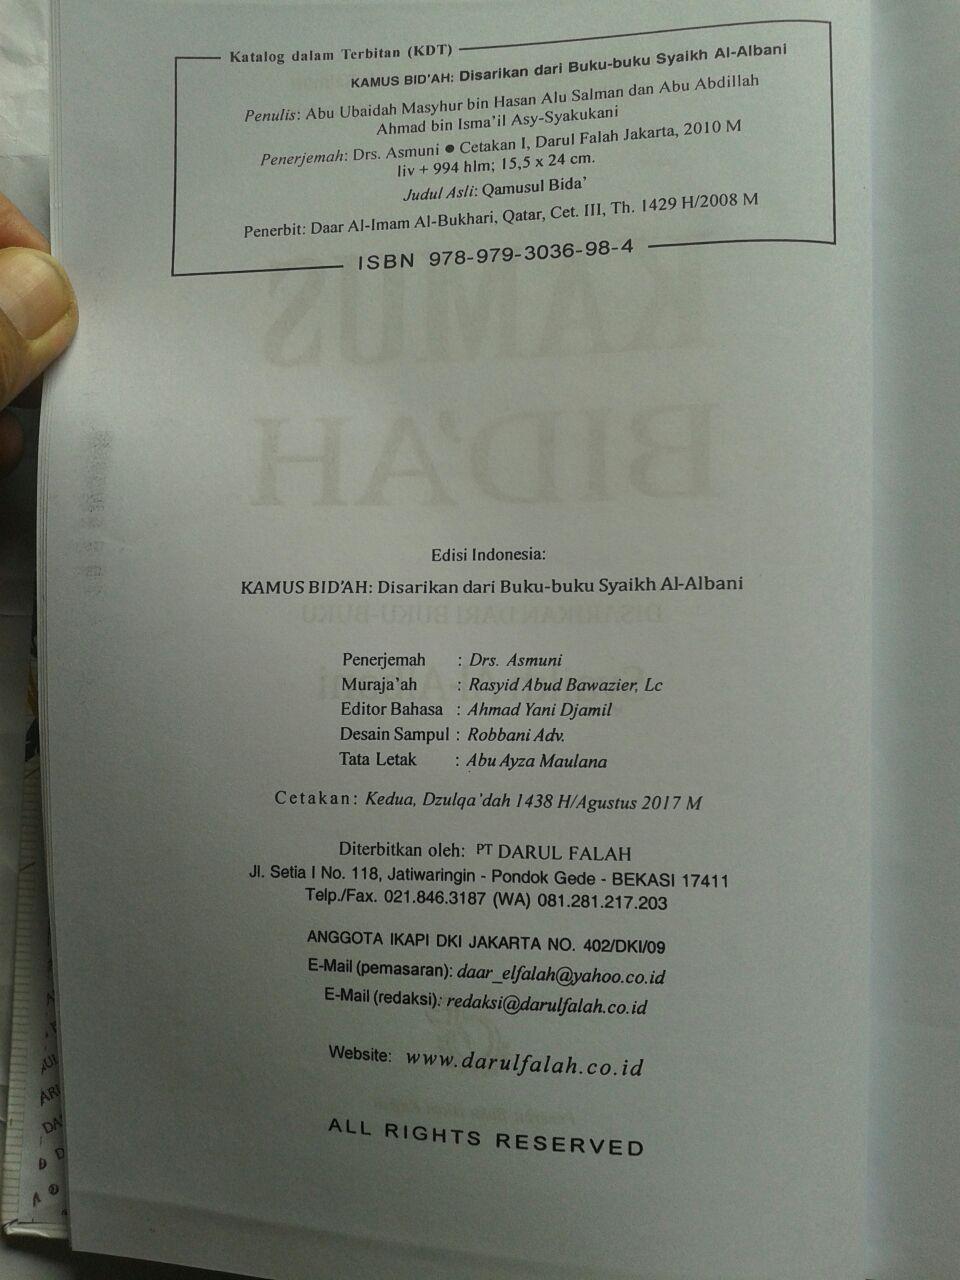 Buku Kamus Bid'ah Disarikan Dari Buku Buku Syaikh Al-Albani 240,000 20% 192,000 isi 3